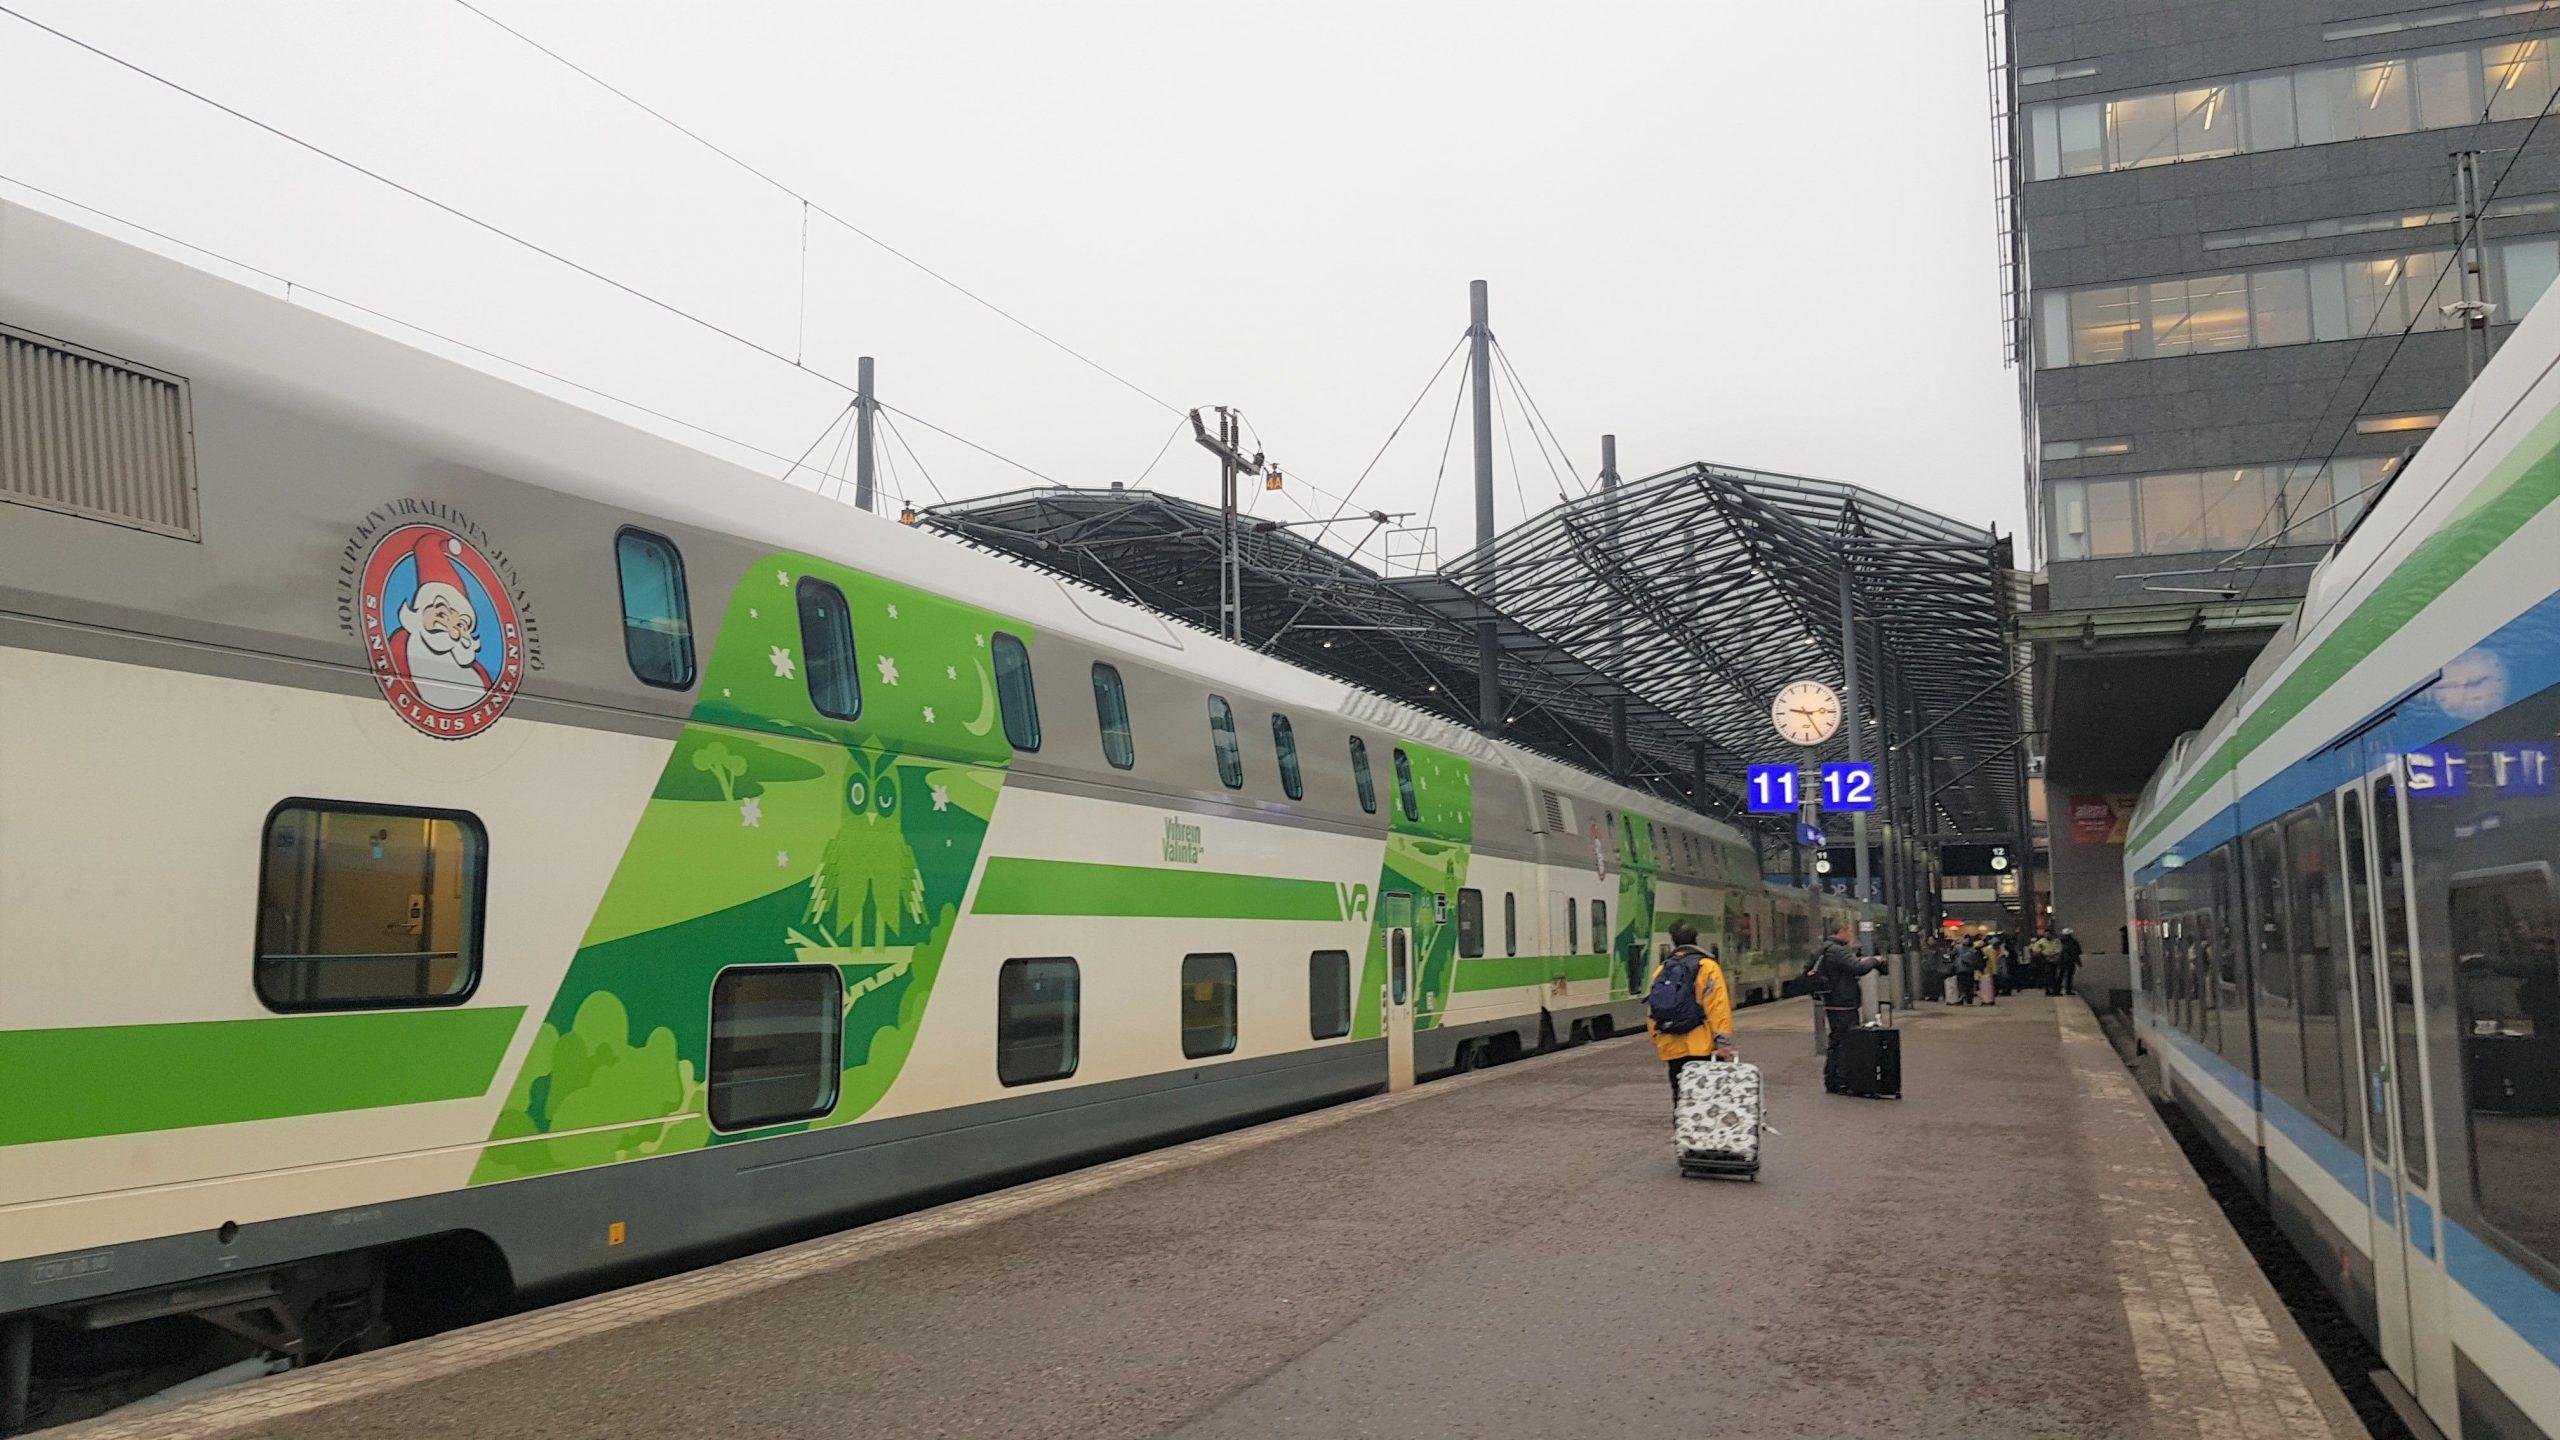 Tren Santa Claus Express en anden de Helsinki.